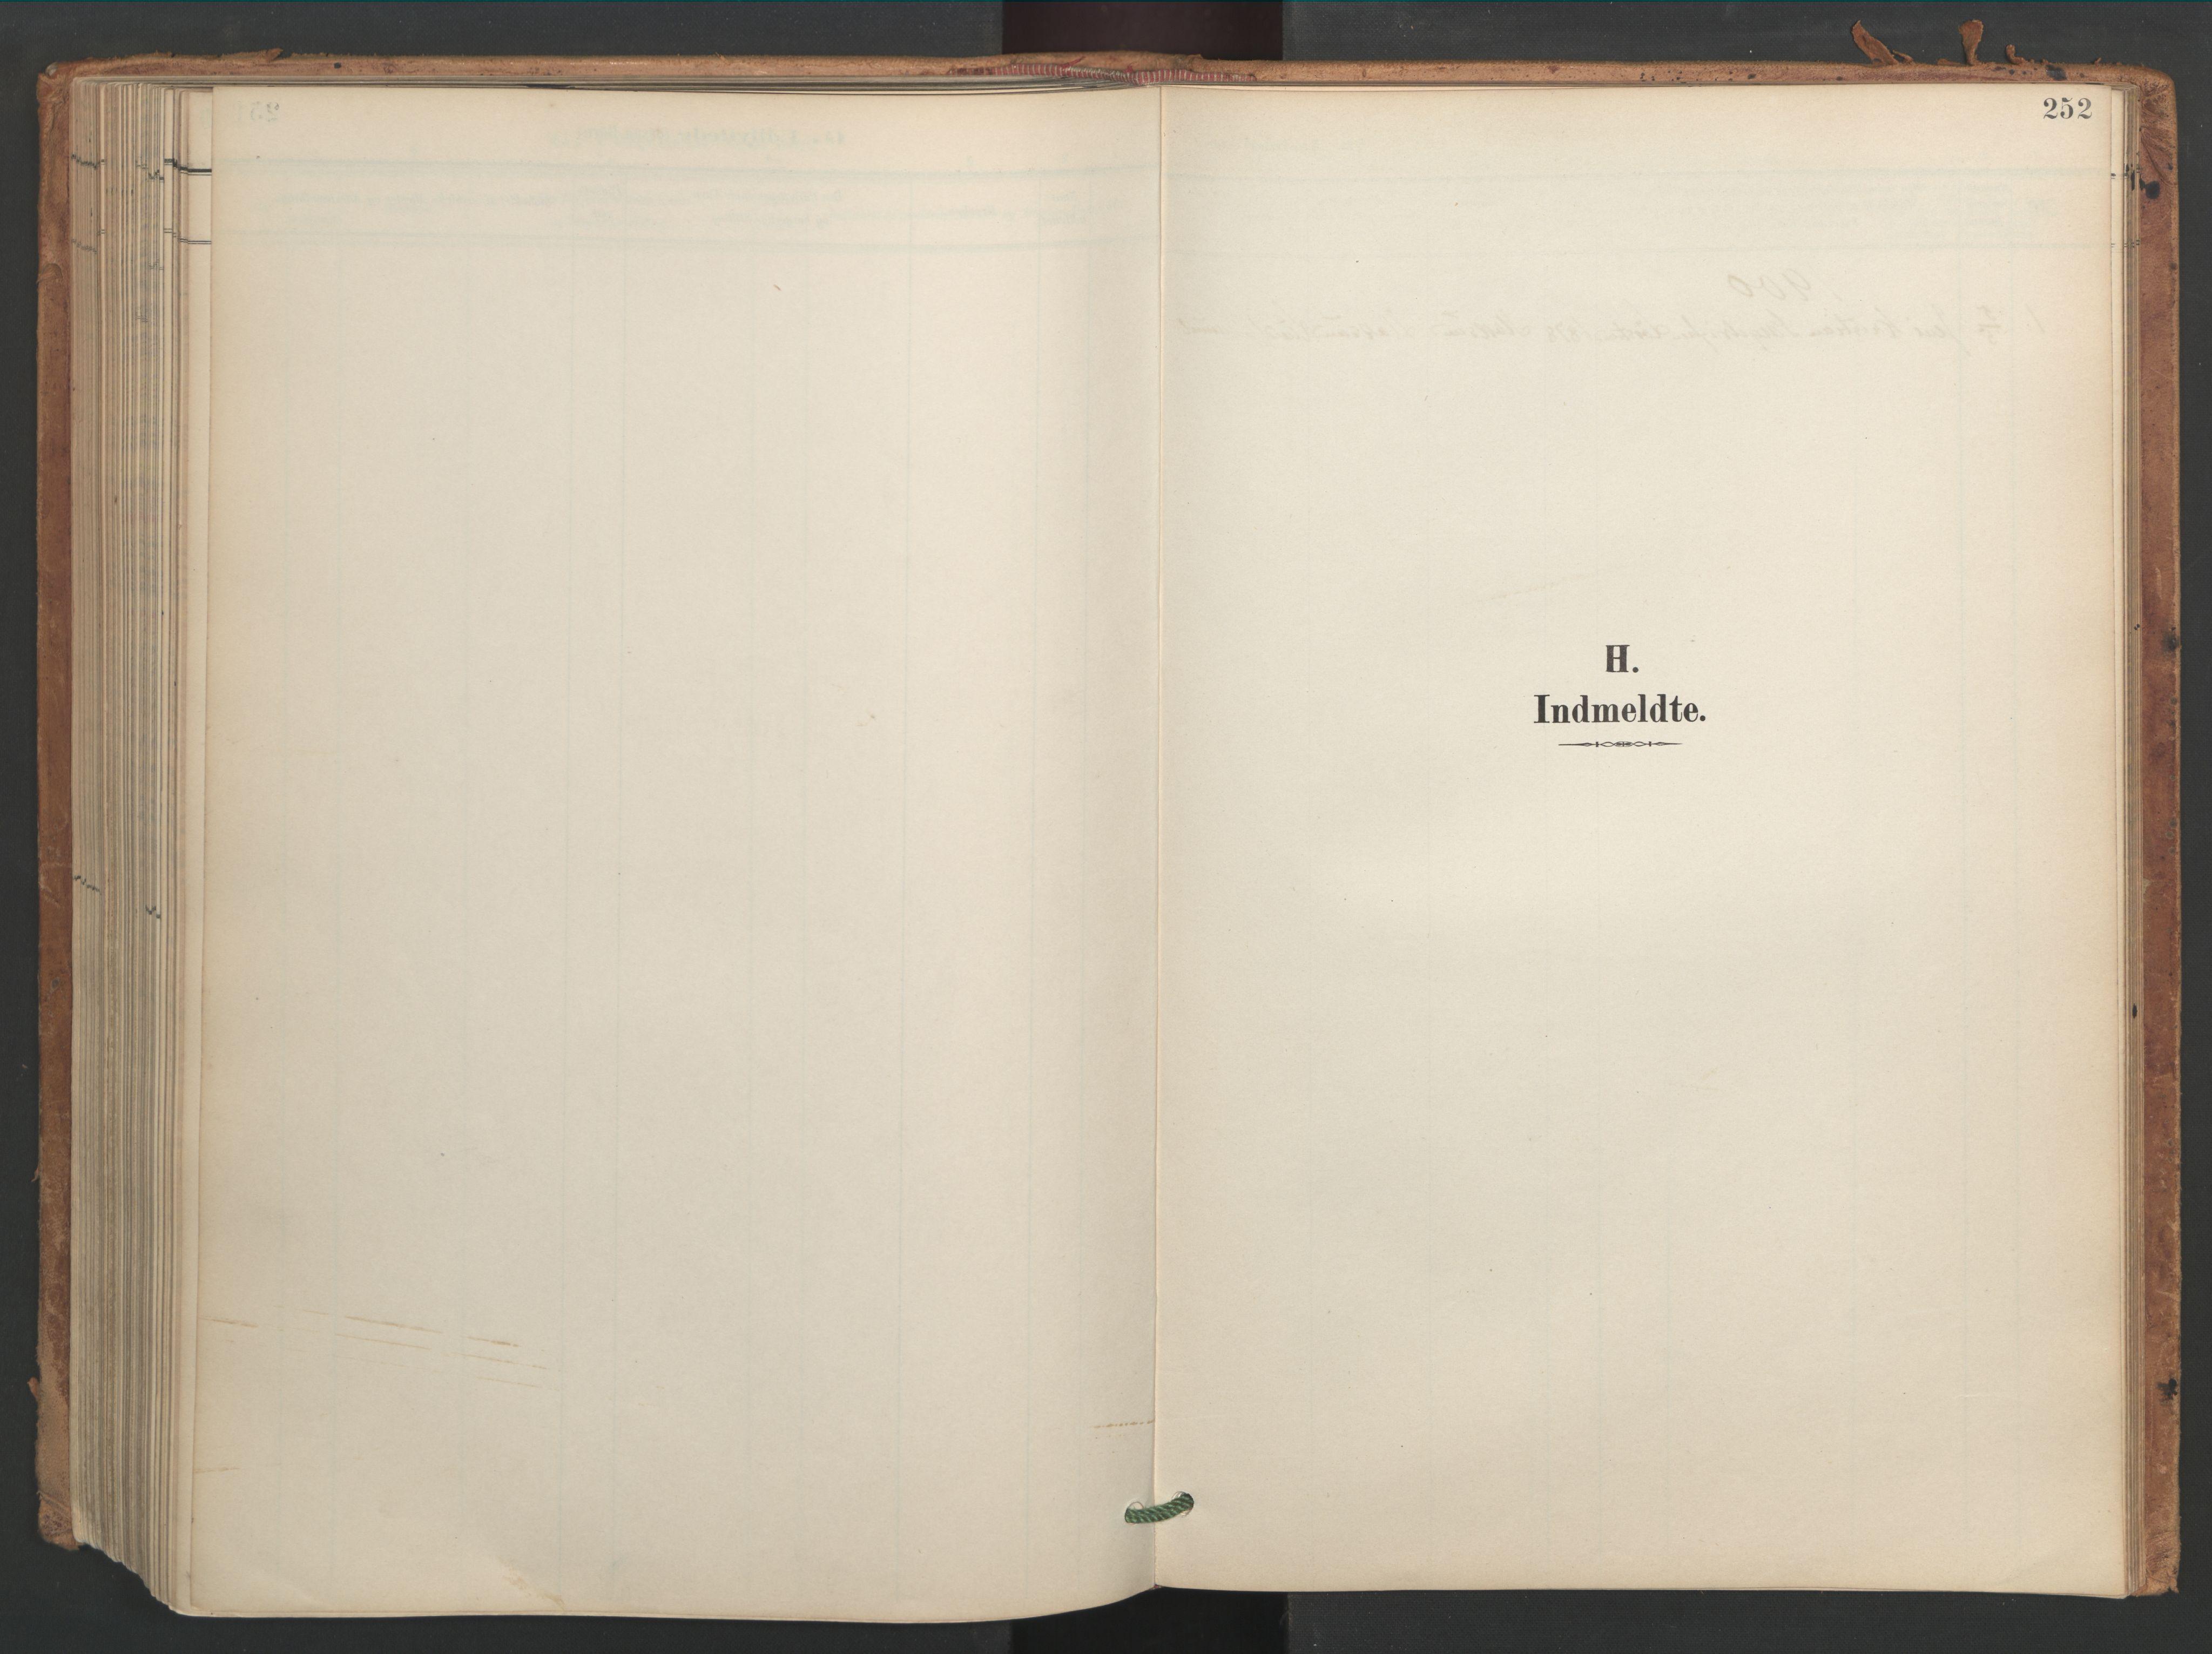 SAT, Ministerialprotokoller, klokkerbøker og fødselsregistre - Sør-Trøndelag, 656/L0693: Ministerialbok nr. 656A02, 1894-1913, s. 252